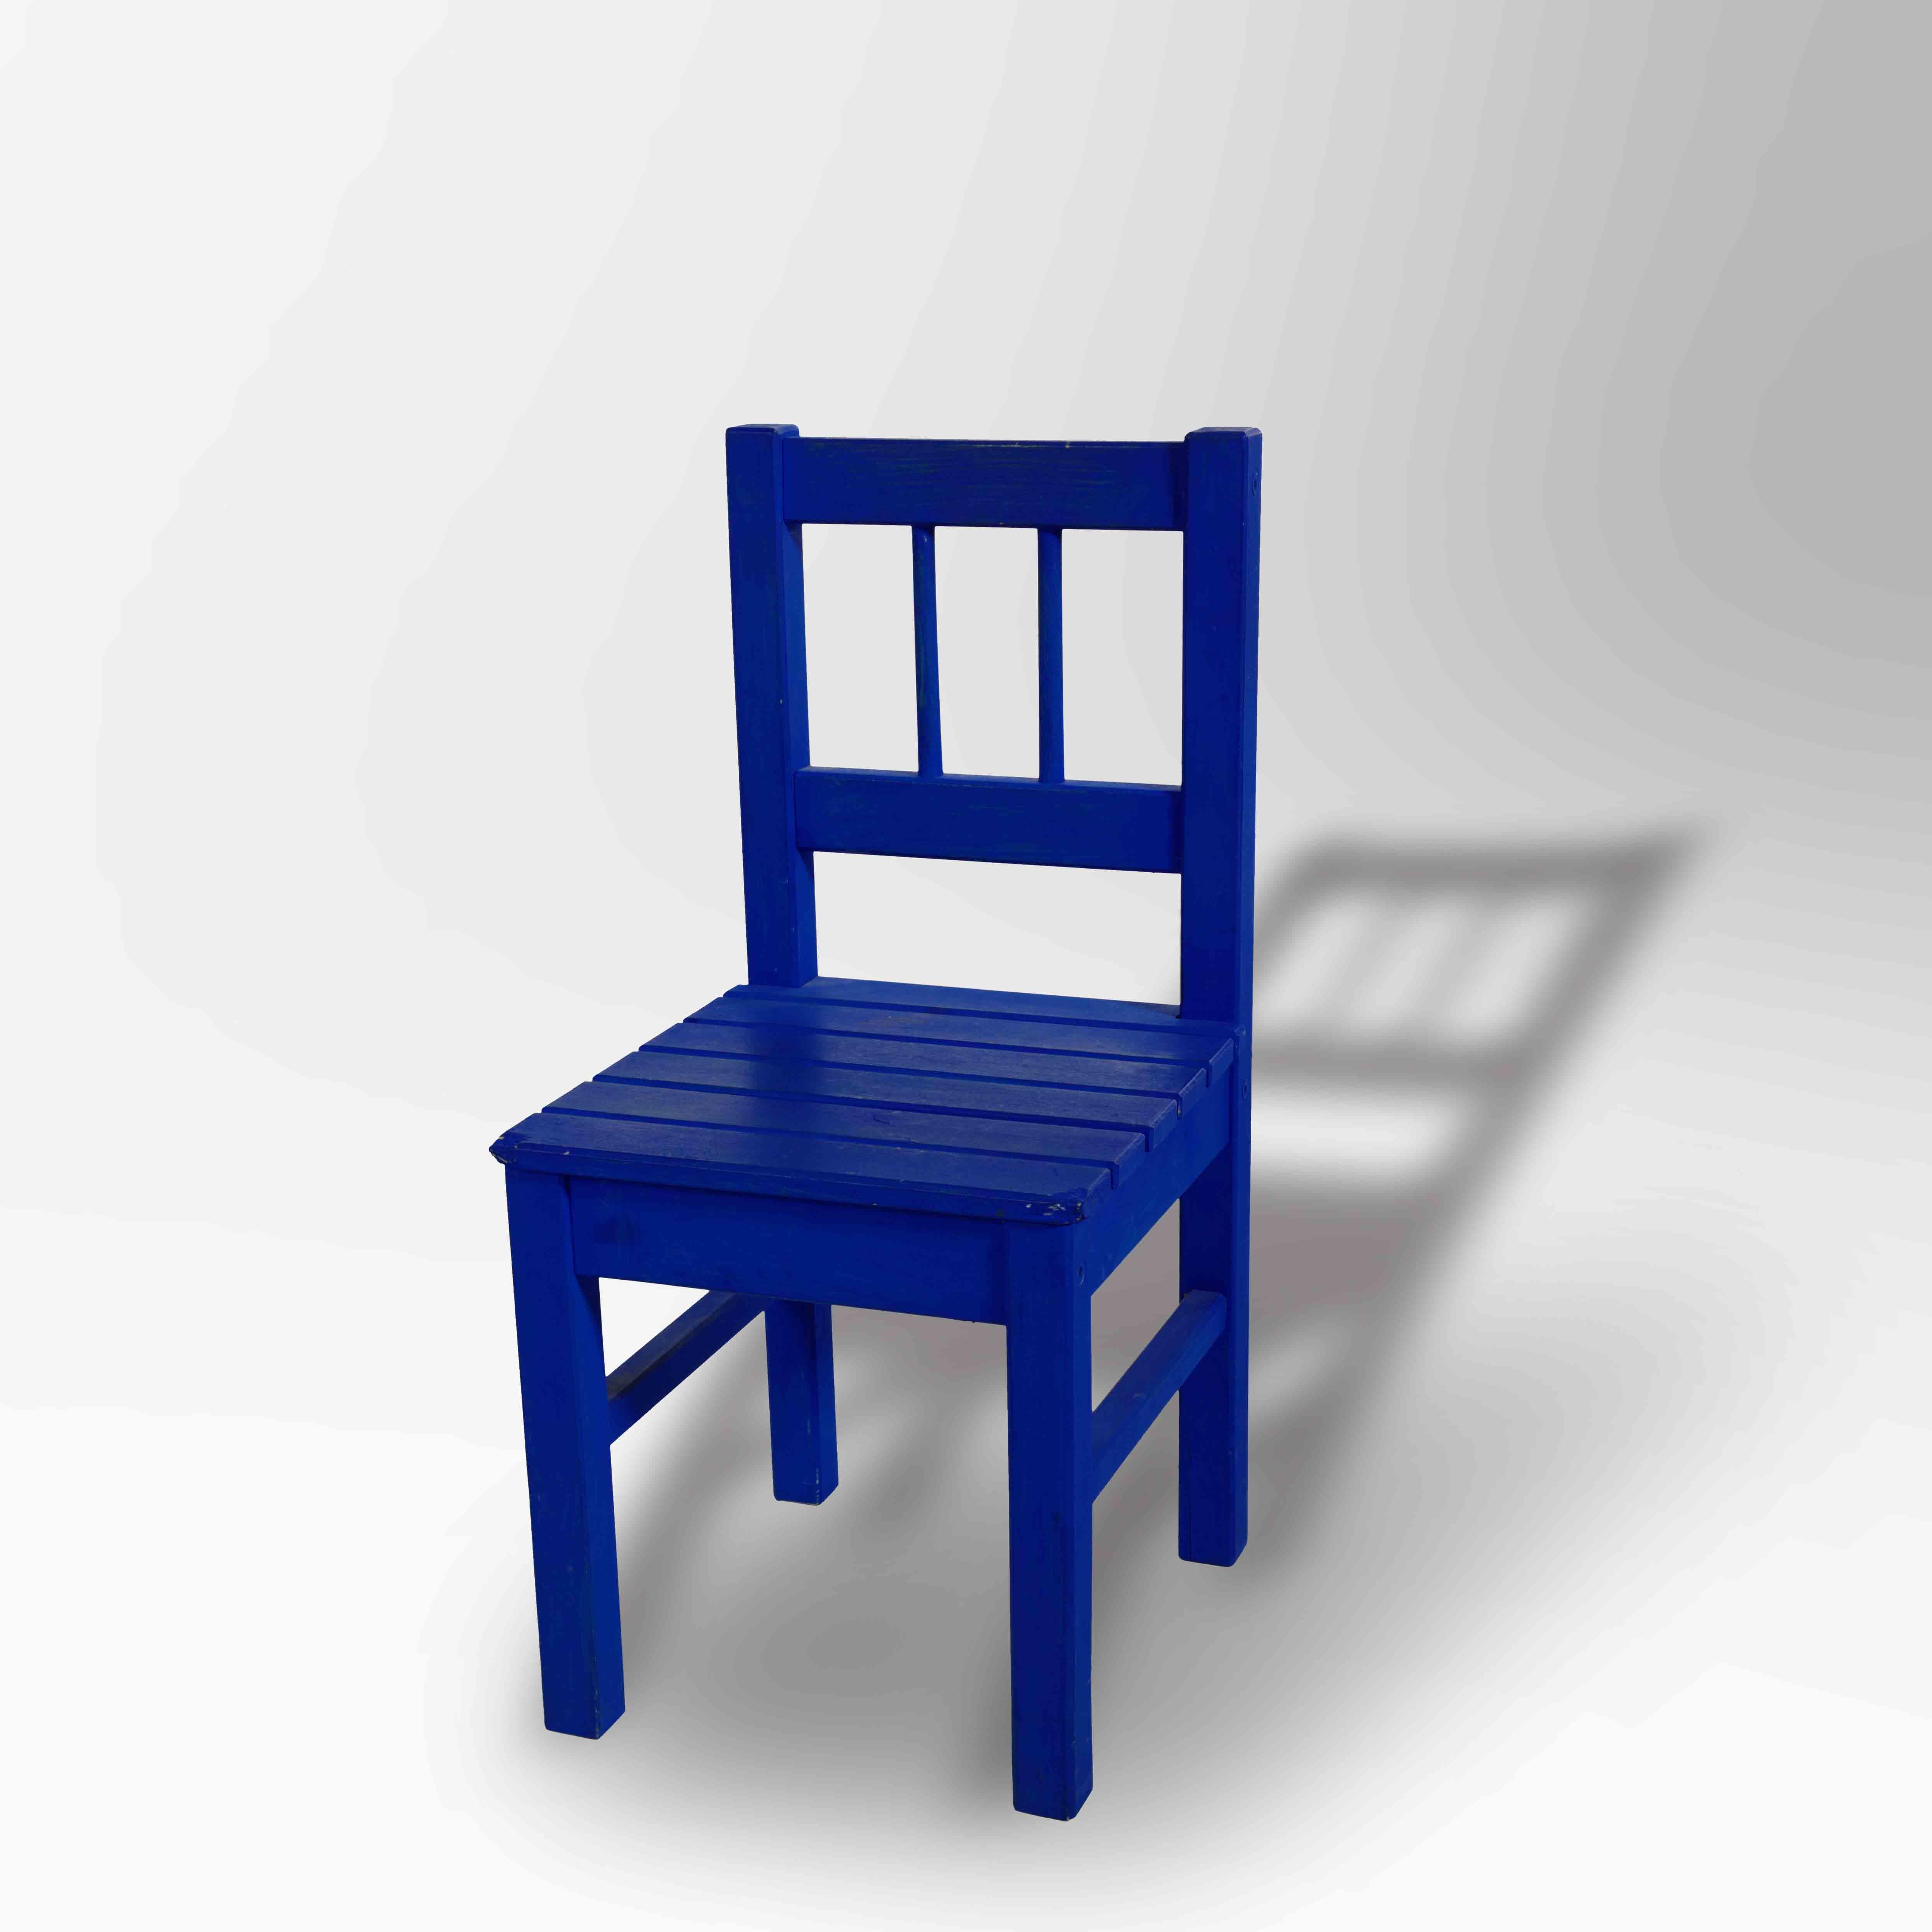 023 BLUE  v02 ABSOLUT BLUE